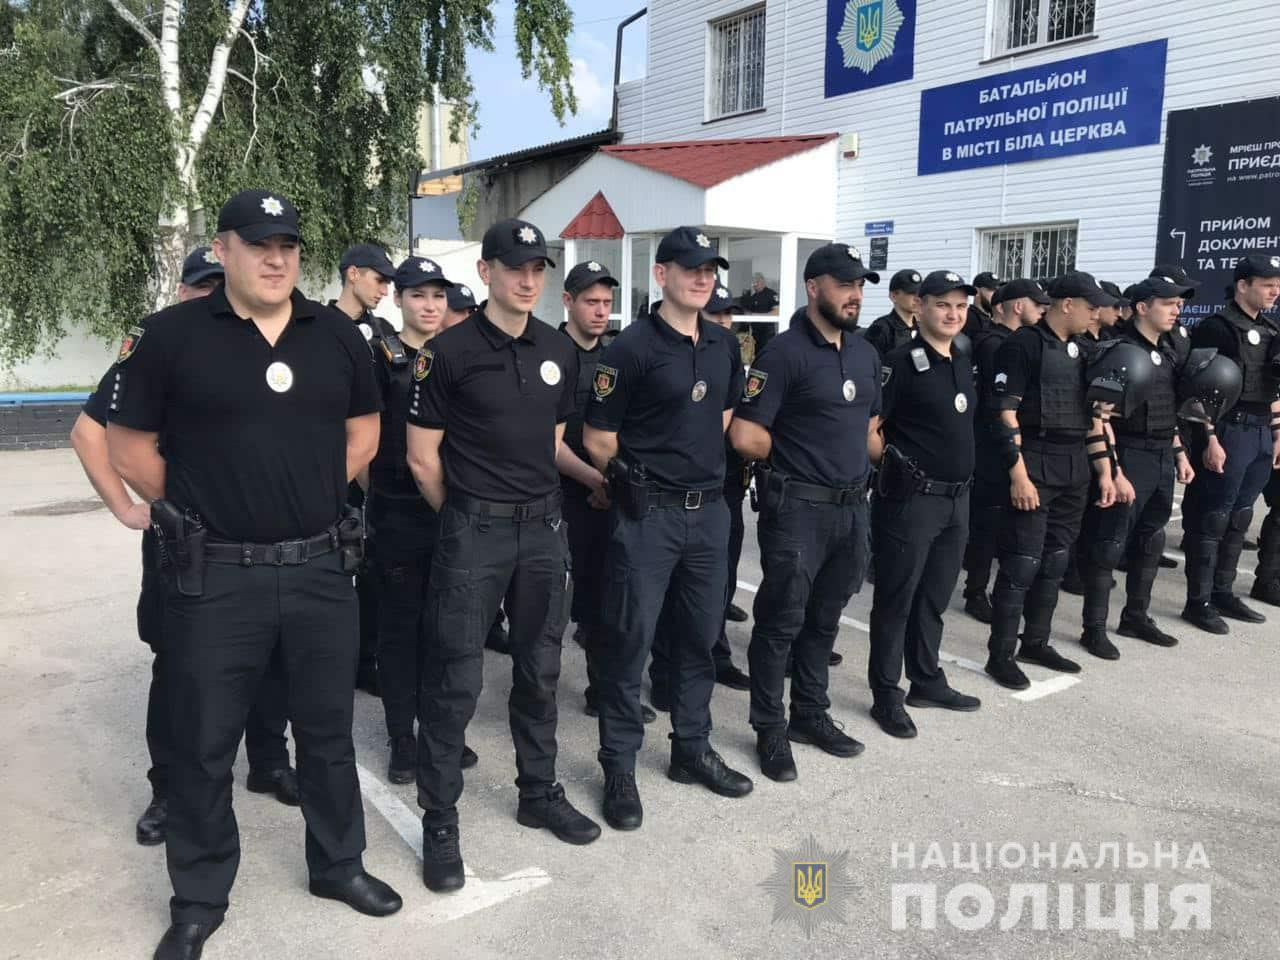 У Білій Церкві збільшили кількість поліцейських патрулів - патрульна поліція, Біла Церква - avto bts1